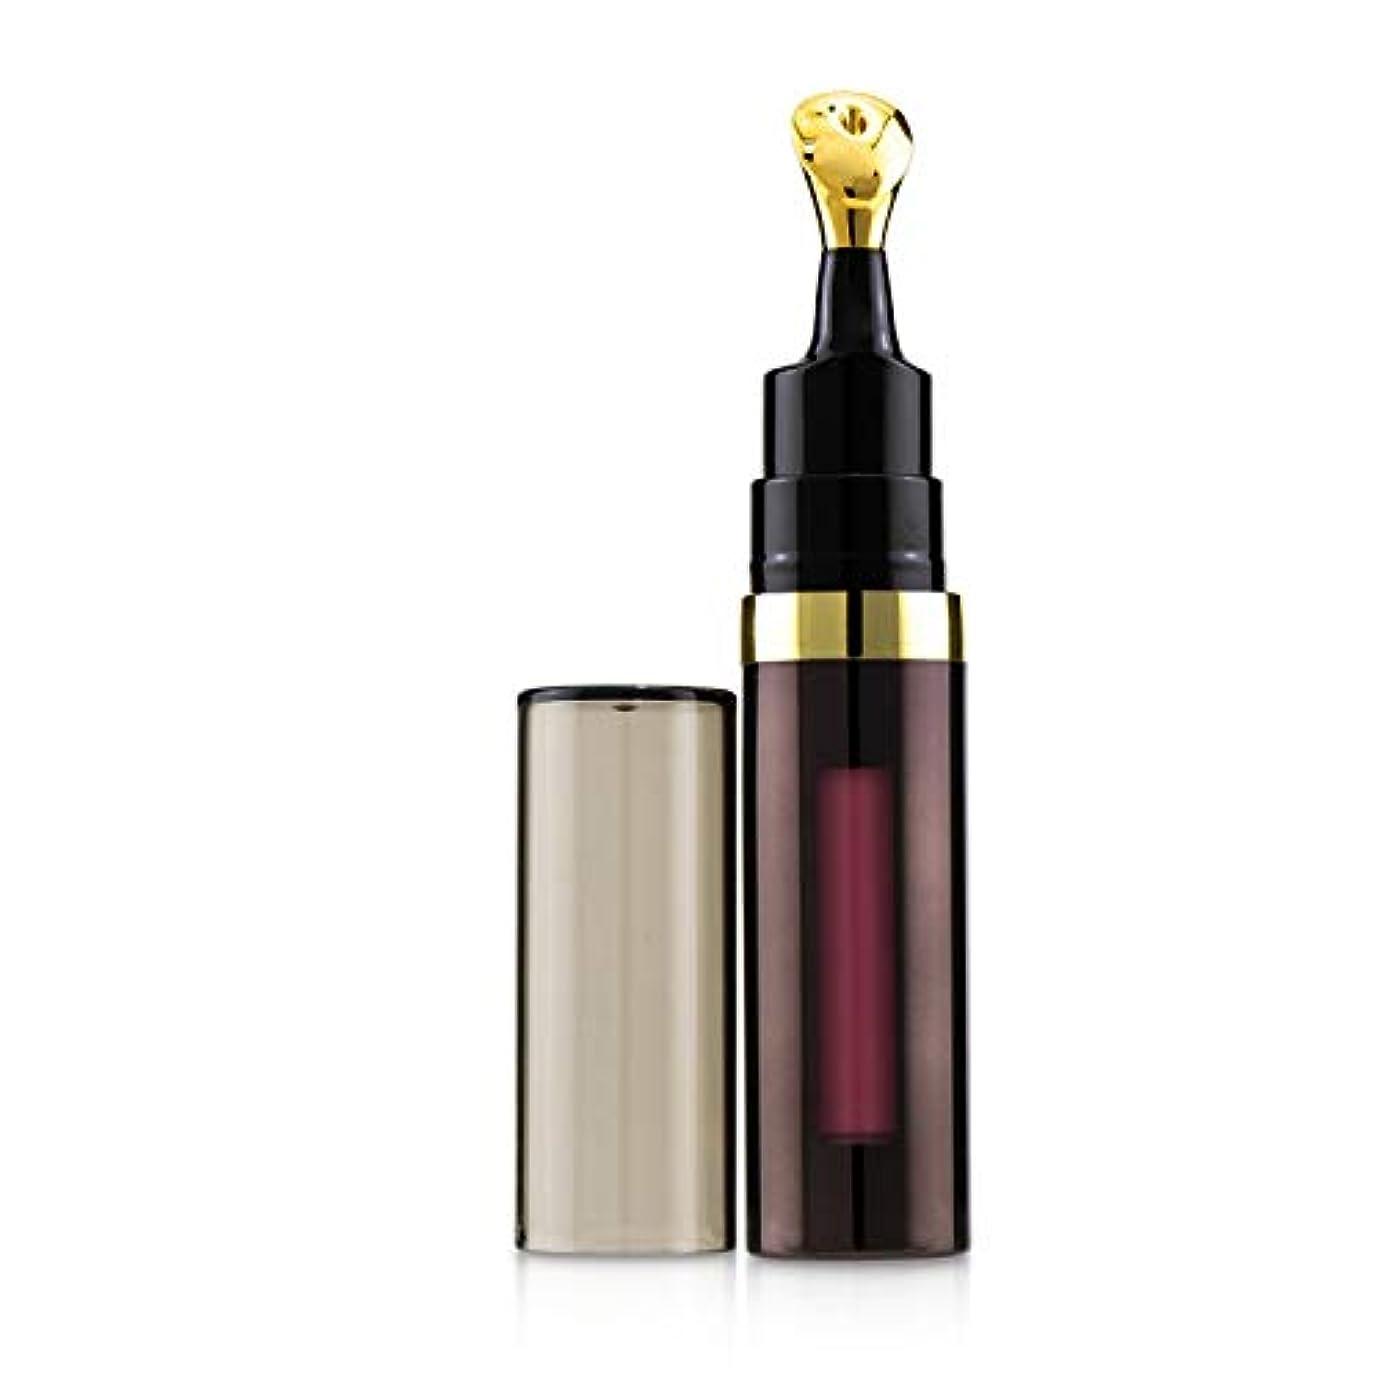 外国人テセウス発疹アワーグラス No.28 Lip Treatment Oil - # Adorn (Pinky Rose) 7.5ml/0.25oz並行輸入品